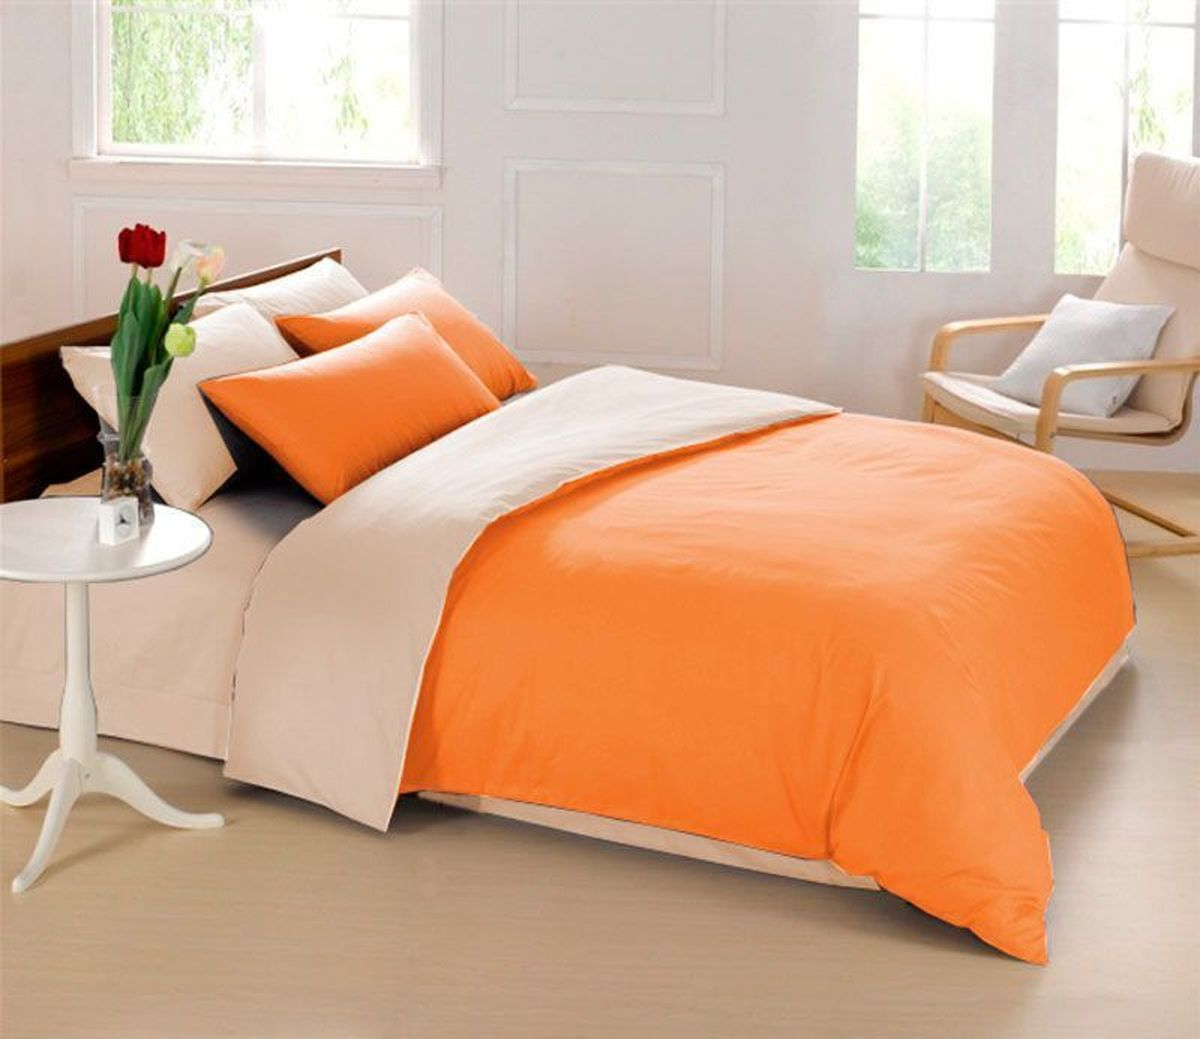 Комплект белья Sleep iX Perfection, семейный, наволочки 50х70, 70х70,цвет: оранжевый, бежевый391602Комплект постельного белья Sleep iX Perfection состоит из двух пододеяльников, простыни и четырех наволочек. Предметы комплекта выполнены из абсолютно гипоаллергенной микрофибры, неприхотливой в уходе.Благодаря такому комплекту постельного белья вы сможете создать атмосферу уюта и комфорта в вашей спальне.Известно, что цвет напрямую воздействует на психологическое и физическое состояние человека. Оранжевый – вызывает ощущение теплоты, бодрости, веселья, создает хорошее настроение. Оранжевый омолаживает, возбуждает аппетит, способствует оптимистическому настрою и гармонии с окружающей средой.Бежевый – обладает внутренней теплотой, заряжает положительной энергетикой и способствует формированию душевной гармонии. Человек ощущает себя в окружении бежевого цвета очень спокойно.